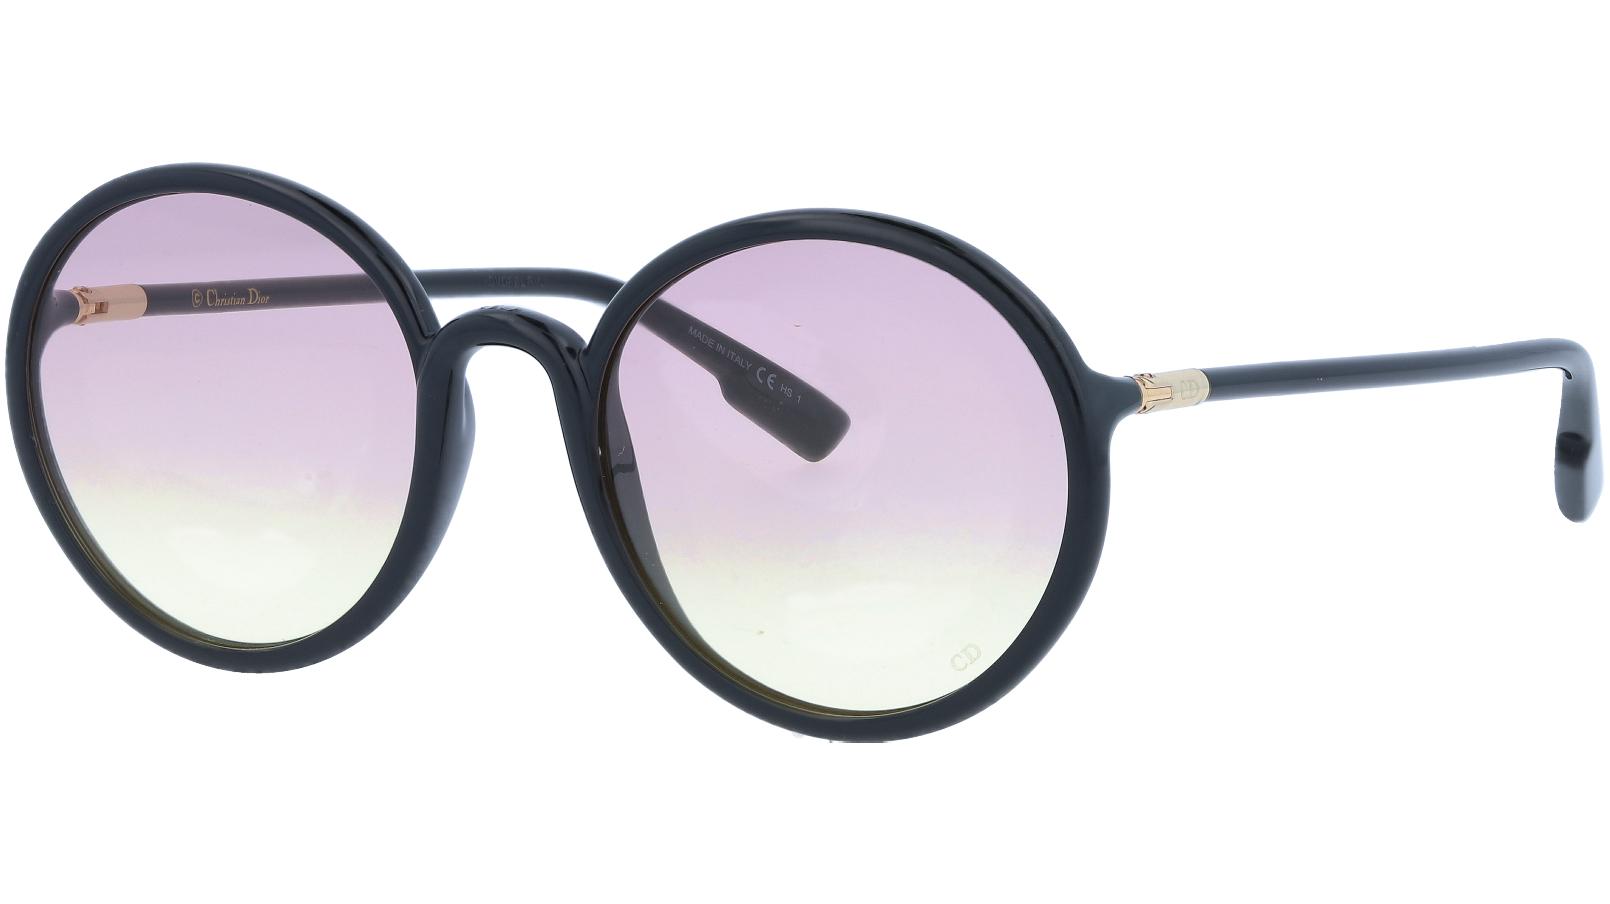 Dior SoStellaire2 807YB 52 Black Sunglasses